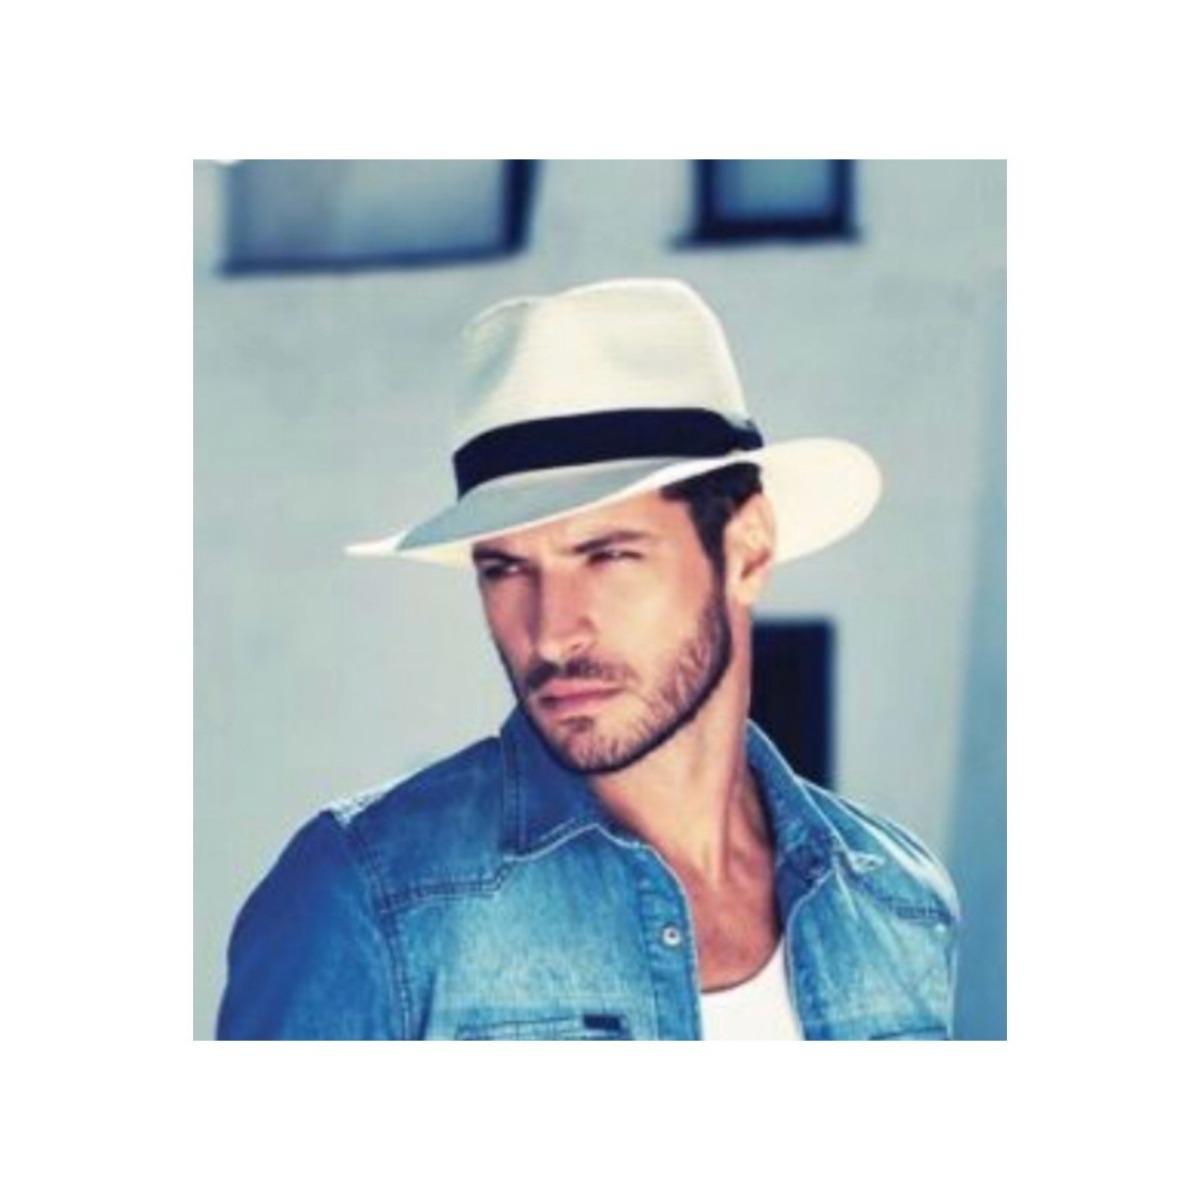 chapéu estilo panamá grande masculino feminino moda praia. Carregando zoom. dc684a6fdee